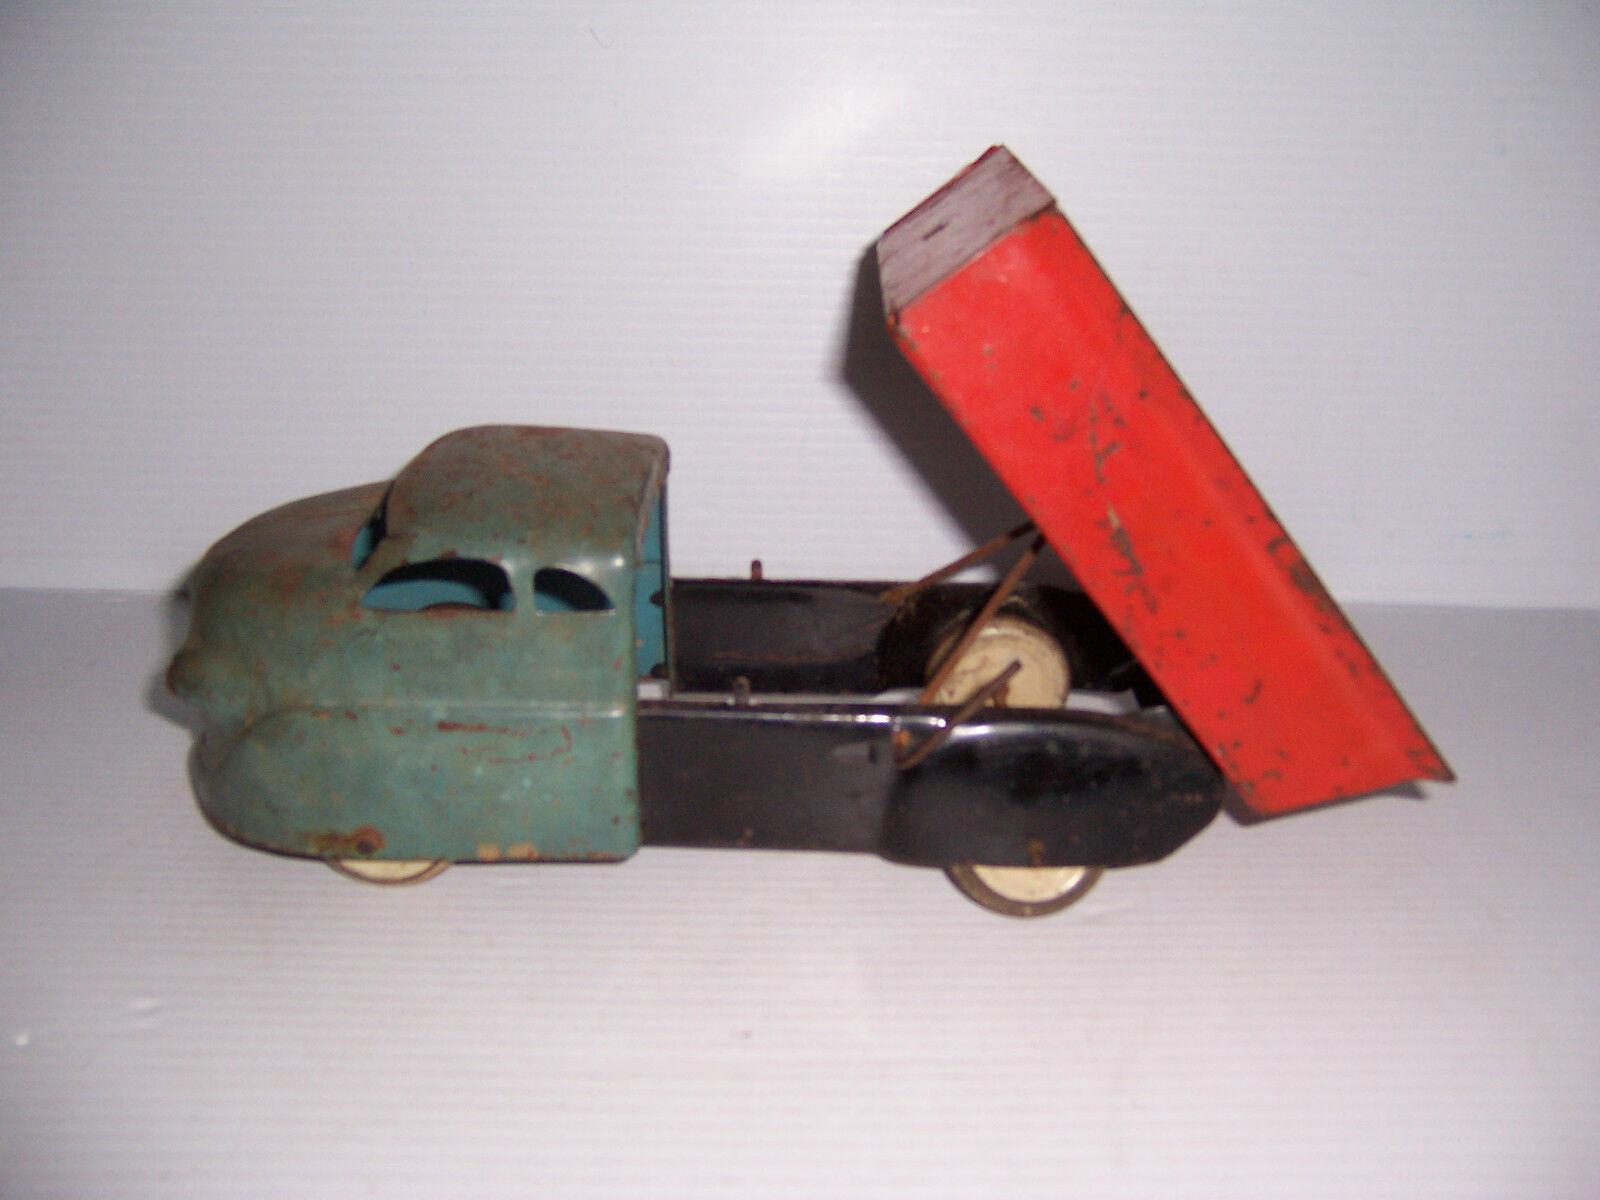 Vintage Wyandotte Juguetes de Acero Prensado blu Y rosso Juguete Camión